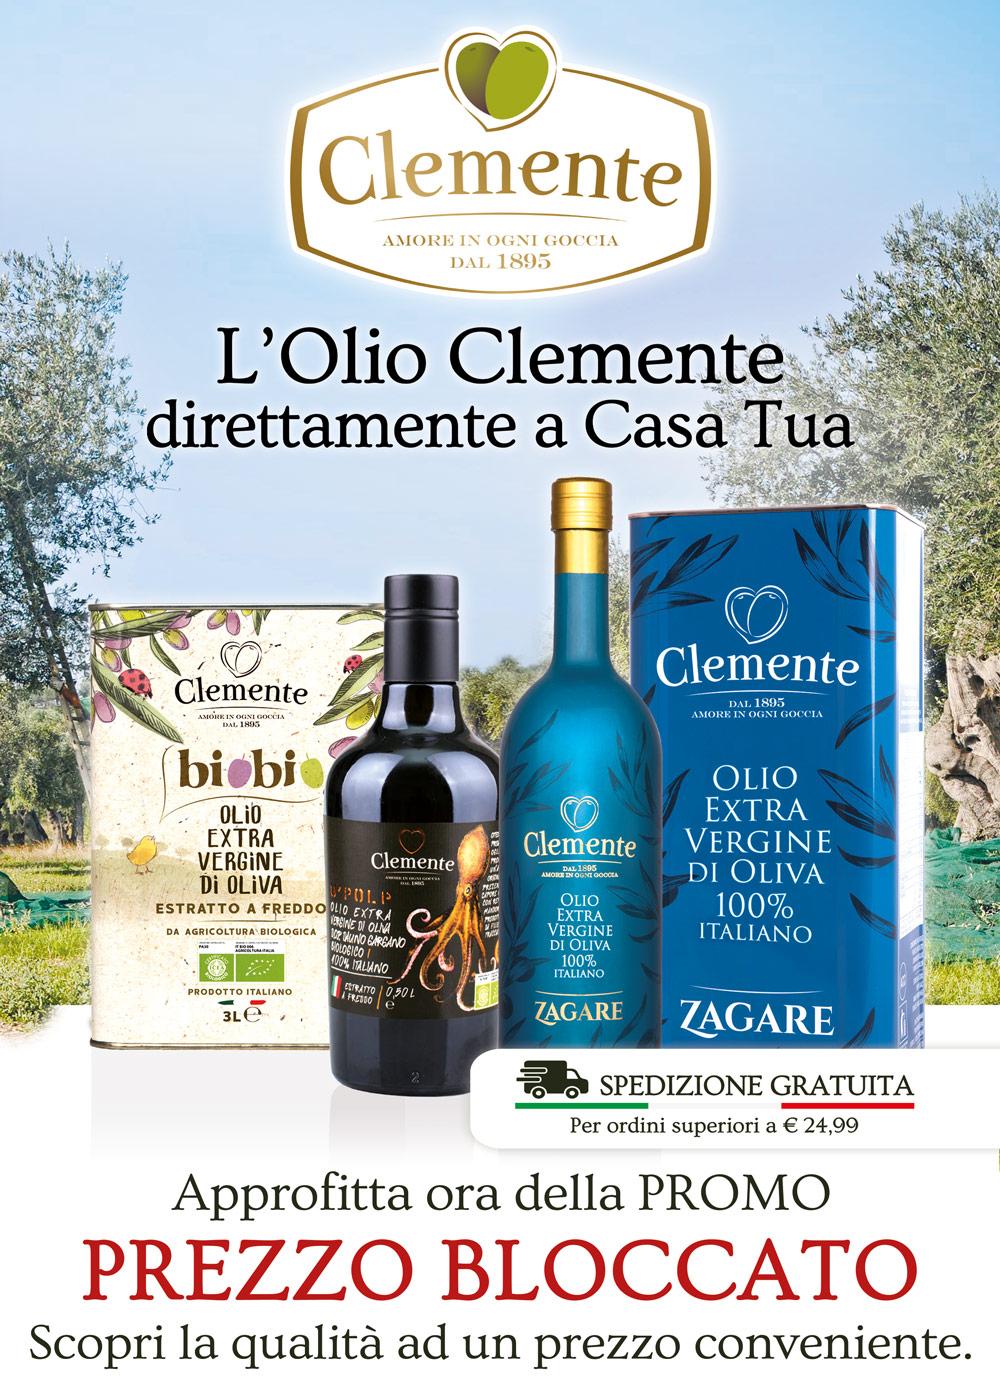 L'olio Clemente direttamente a Casa Tua - mobile